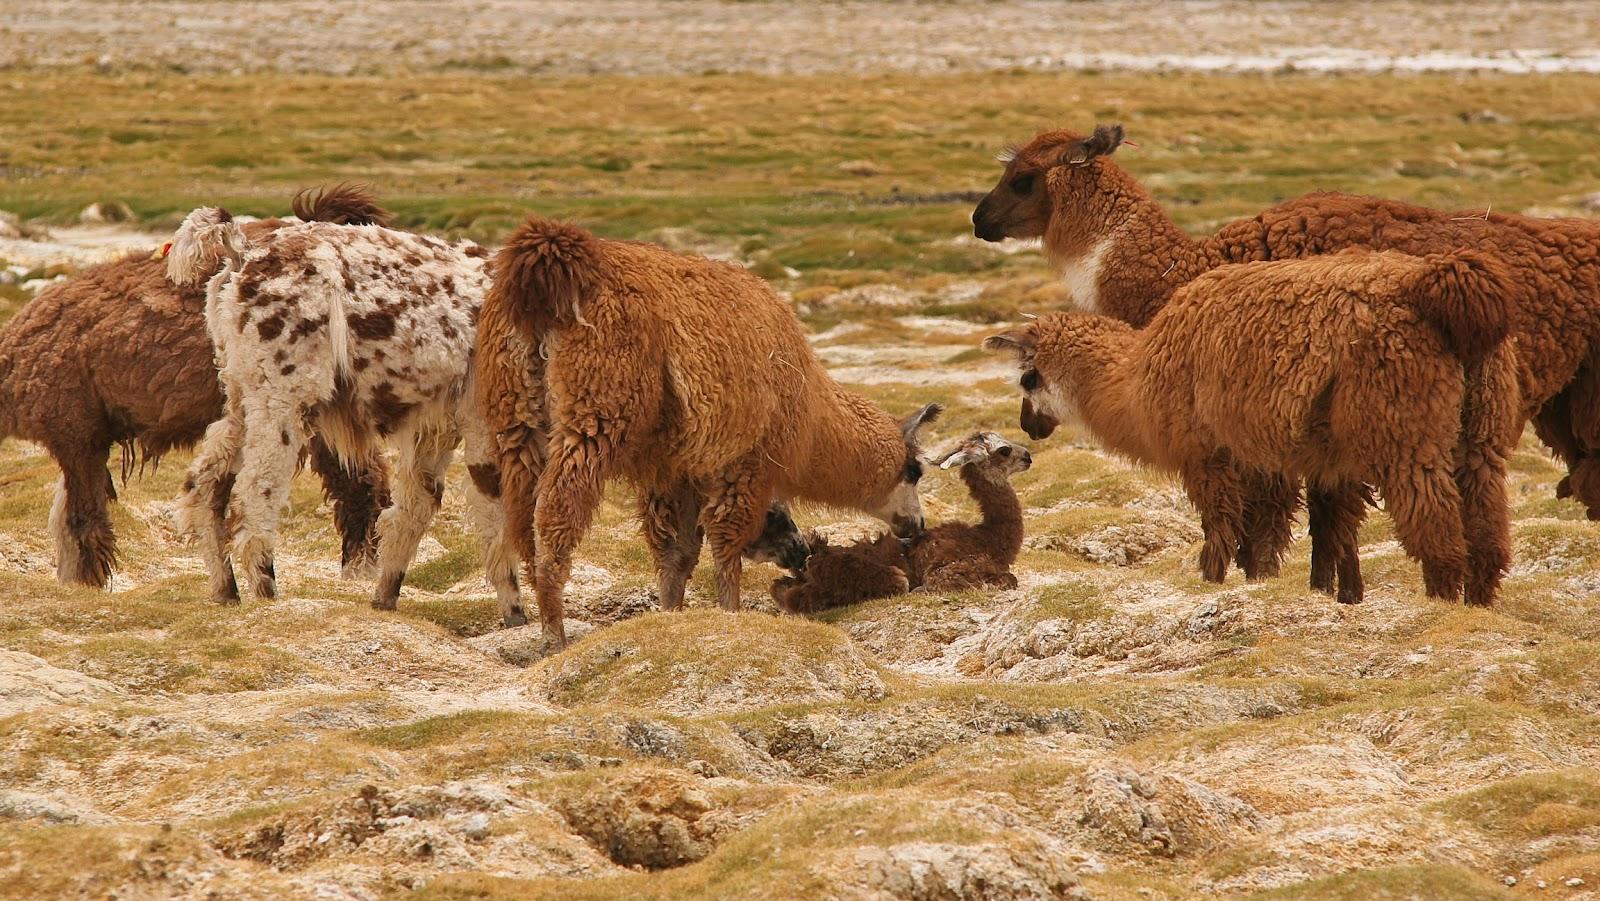 fotos de animales del desierto - Santuario Animal Del Desierto A C Fotos Facebook